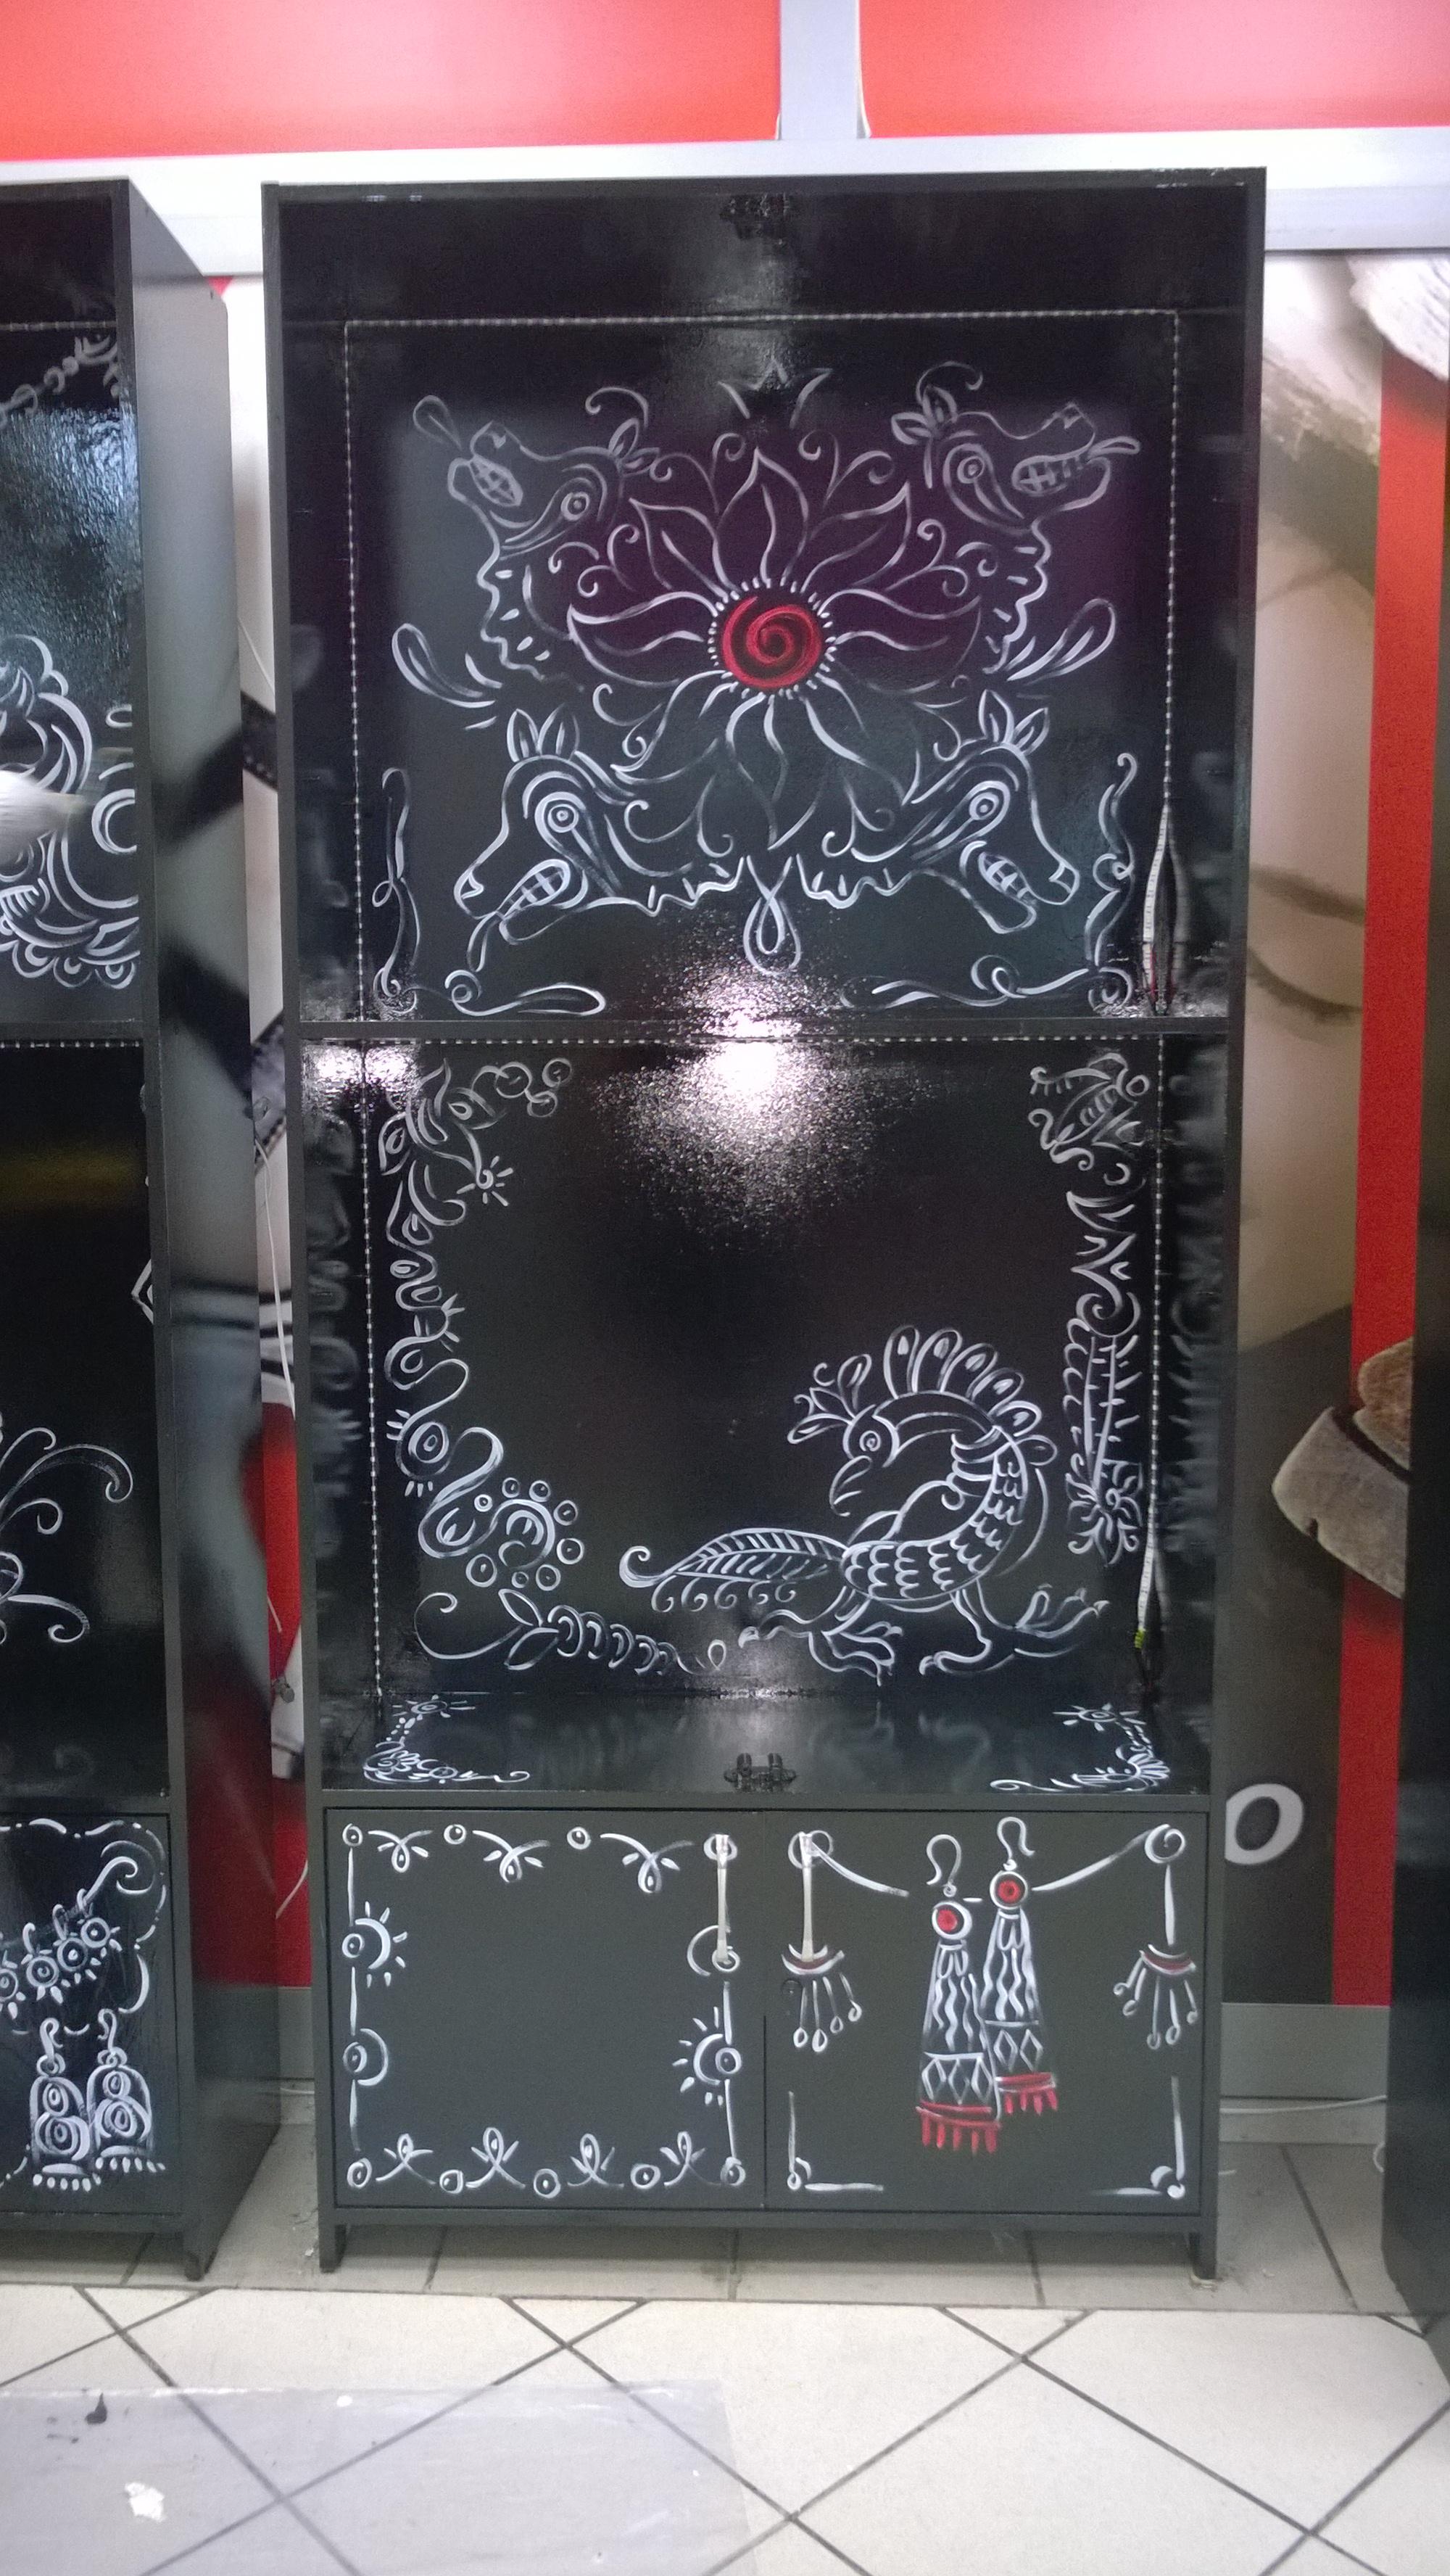 Роспись шкафа скифская этника 2015 акрил (4)